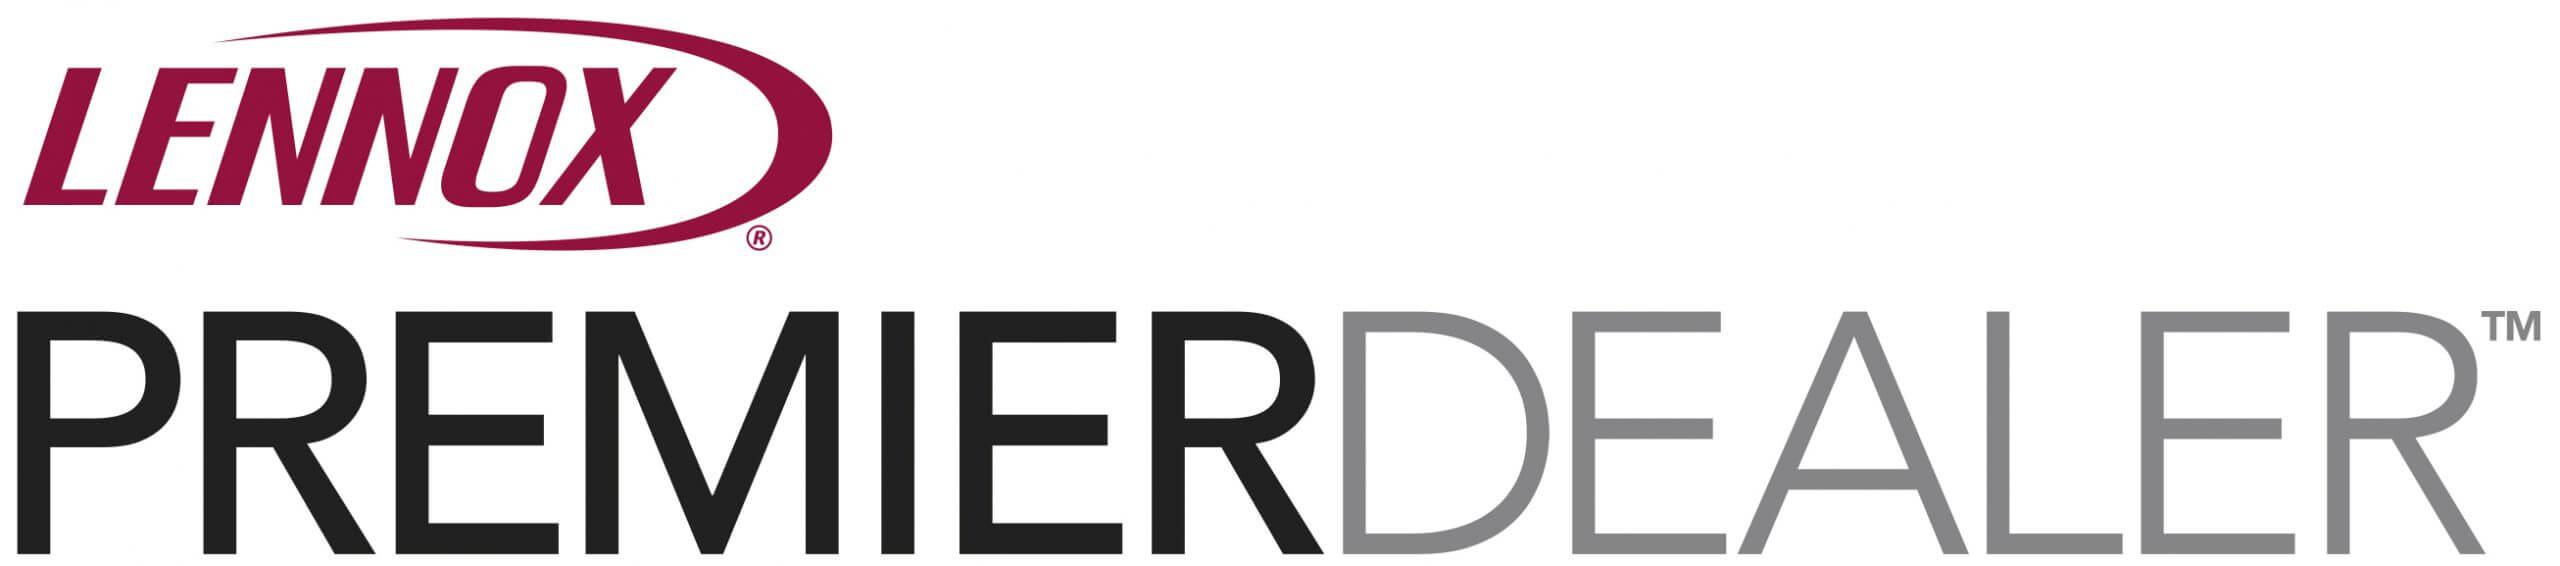 Lennox premier dealer logo